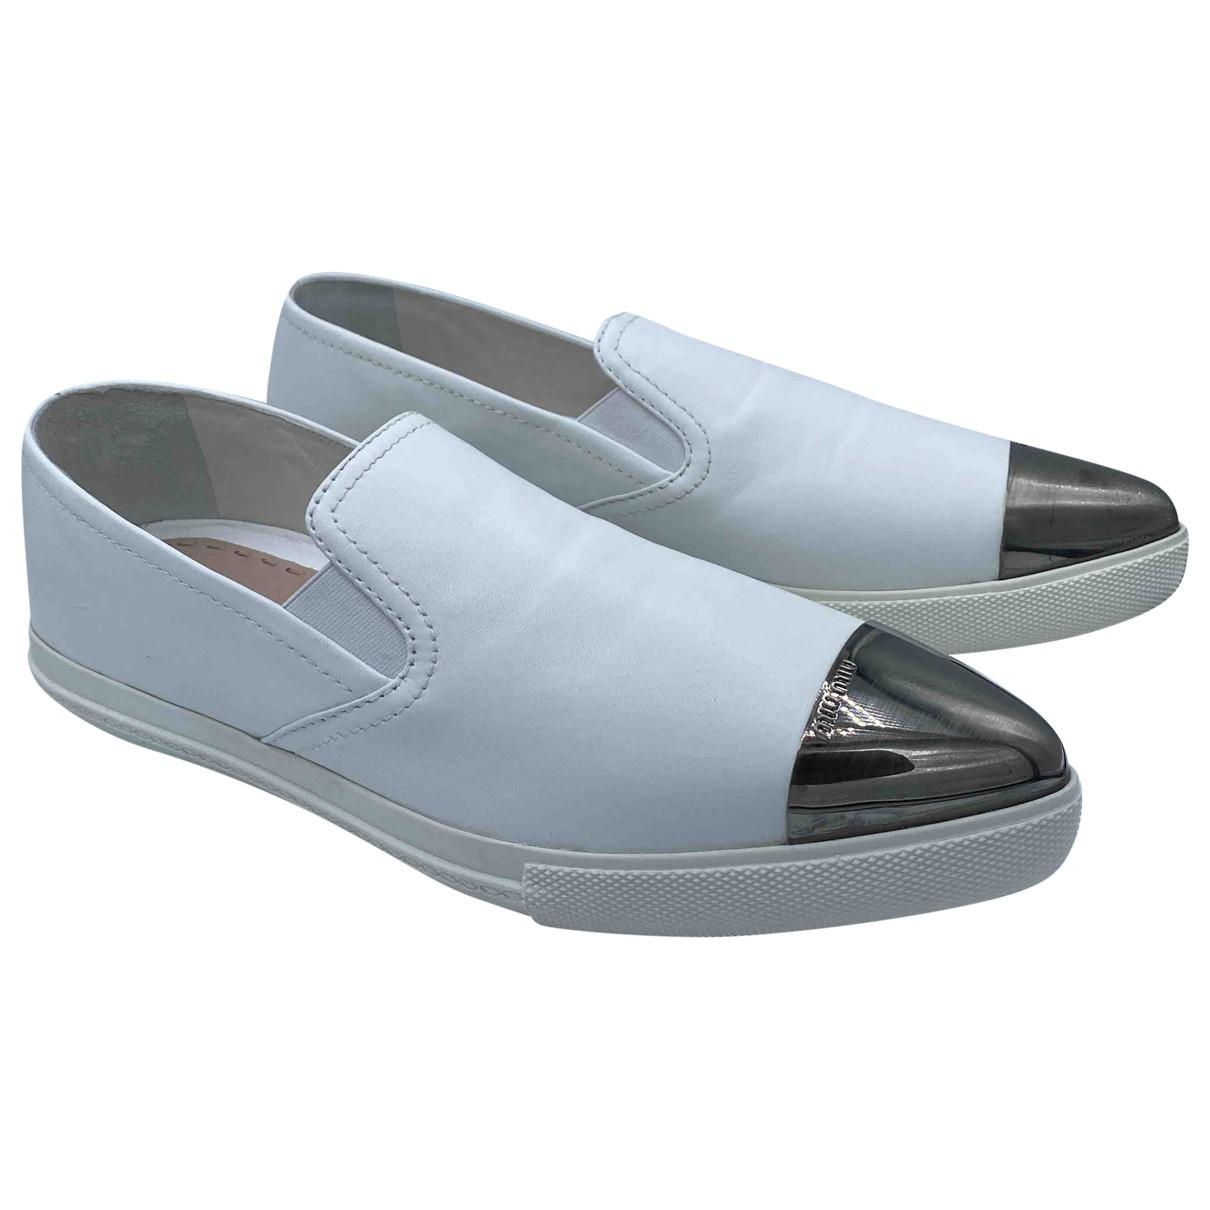 Miu Miu N White Leather Flats for Women 40 EU